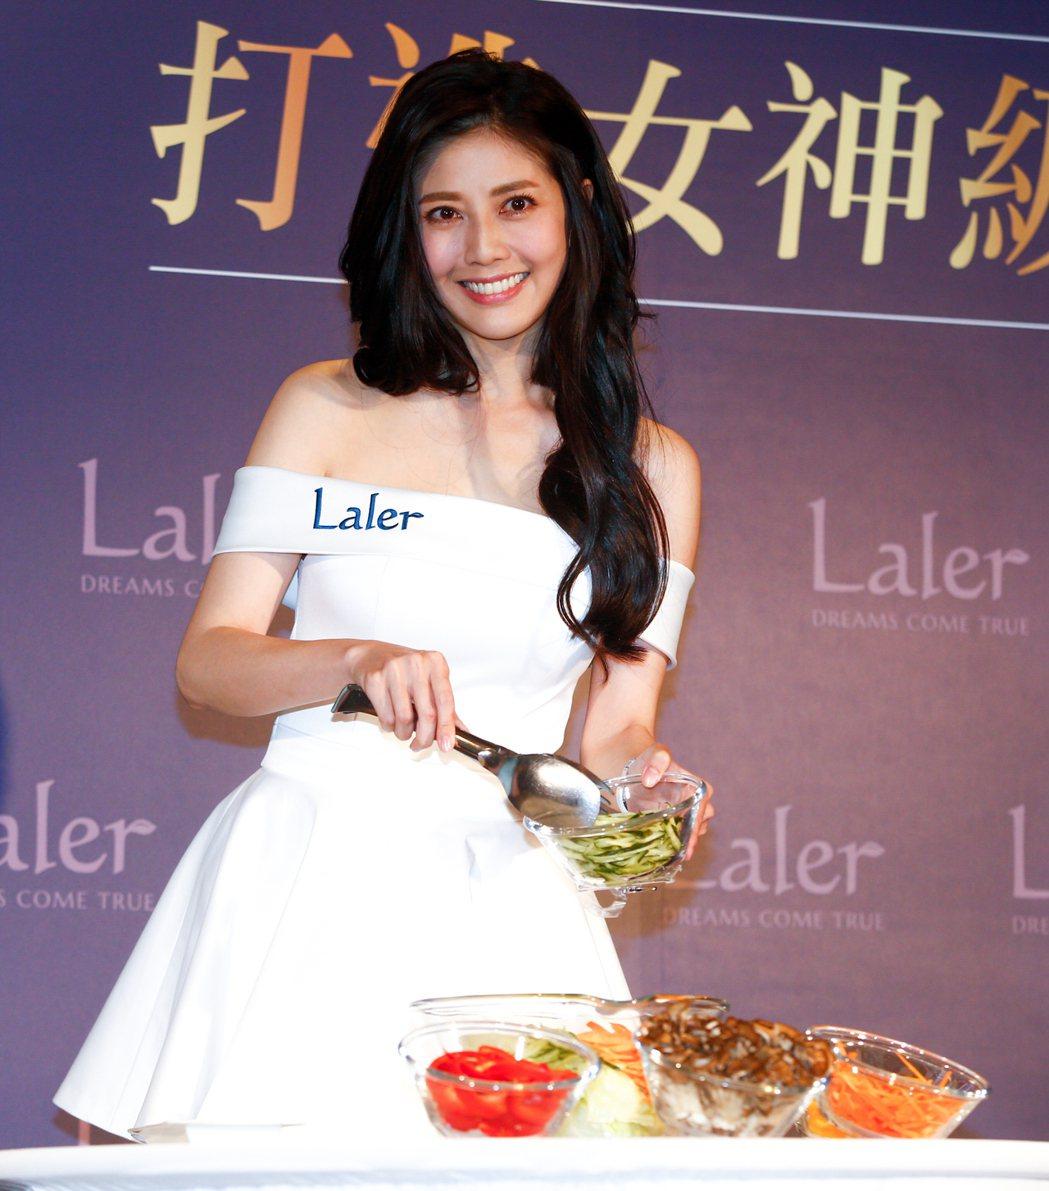 韓瑜今天出席瘦身輔助食品的活動,親手製作沙拉。記者程宜華/攝影